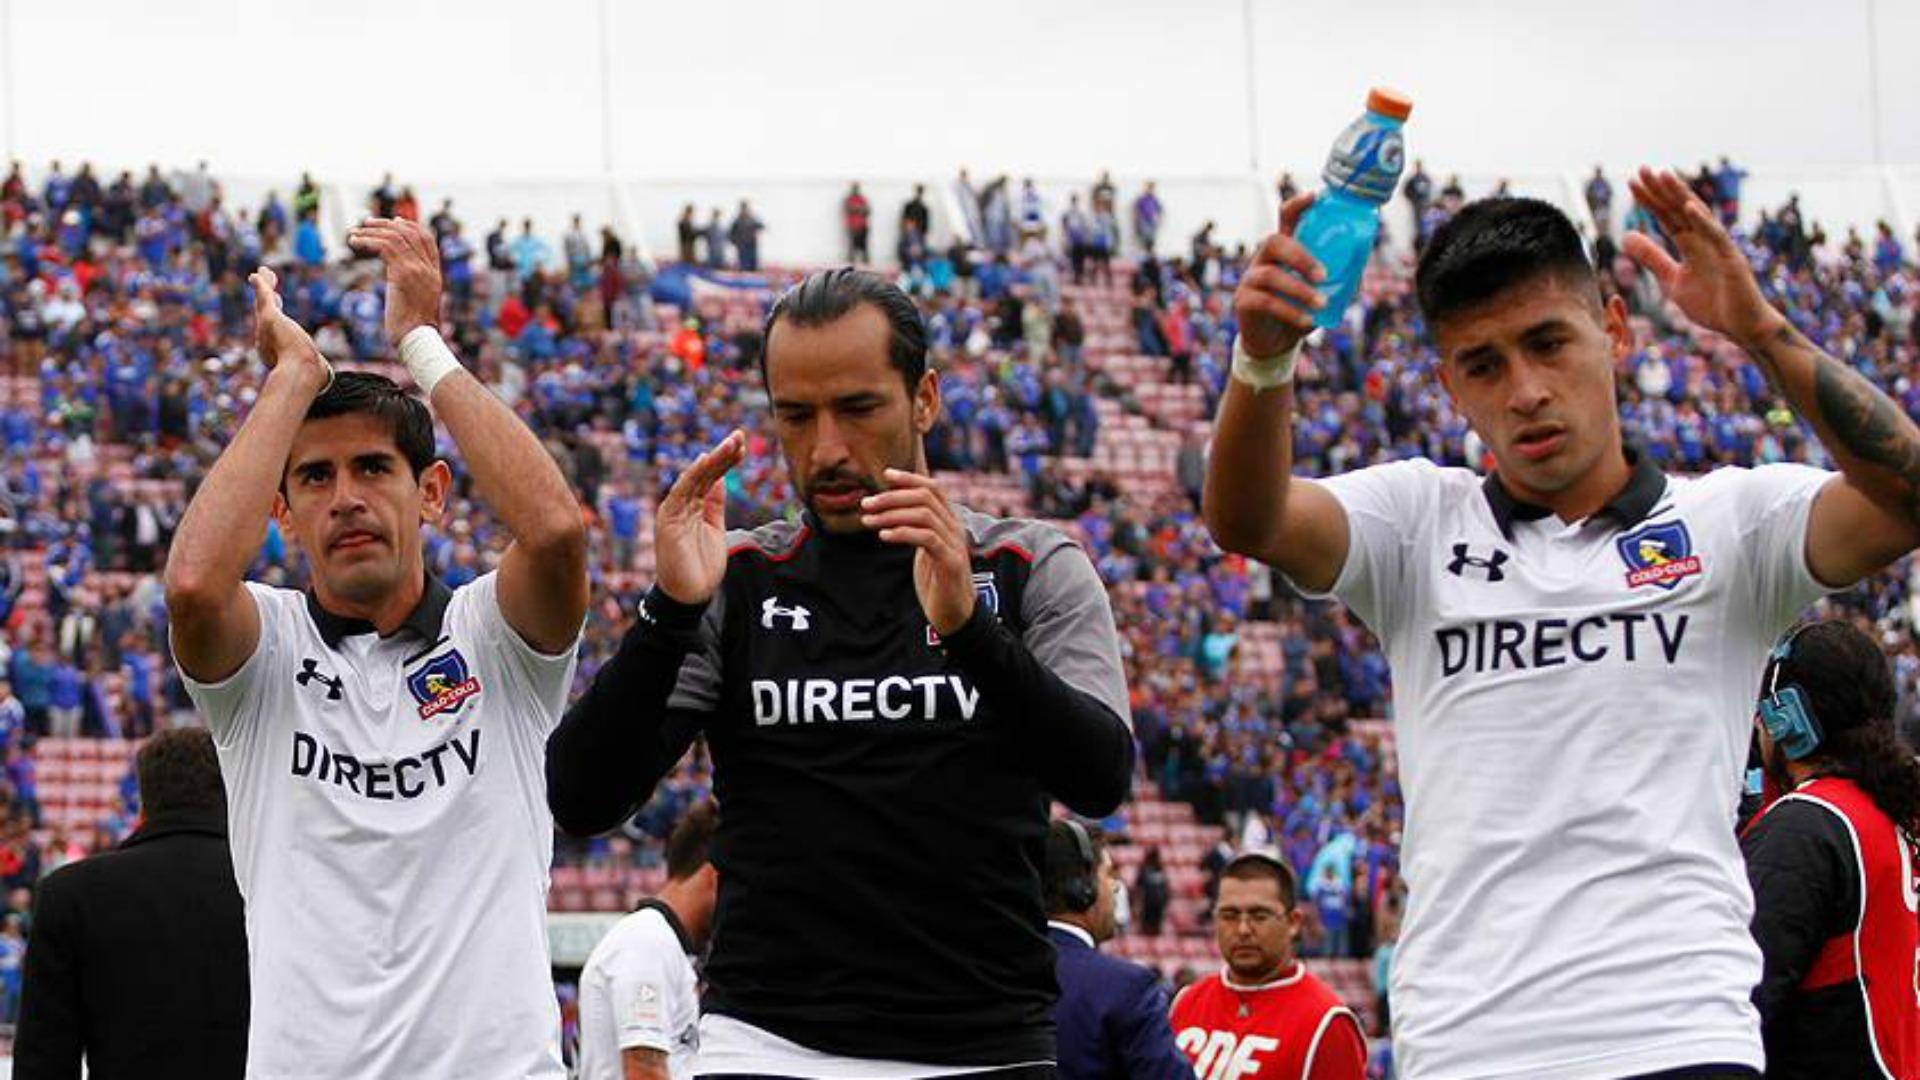 Julio Barroso, Luis Pedro Figueroa y Claudio Baeza Colo Colo 080417